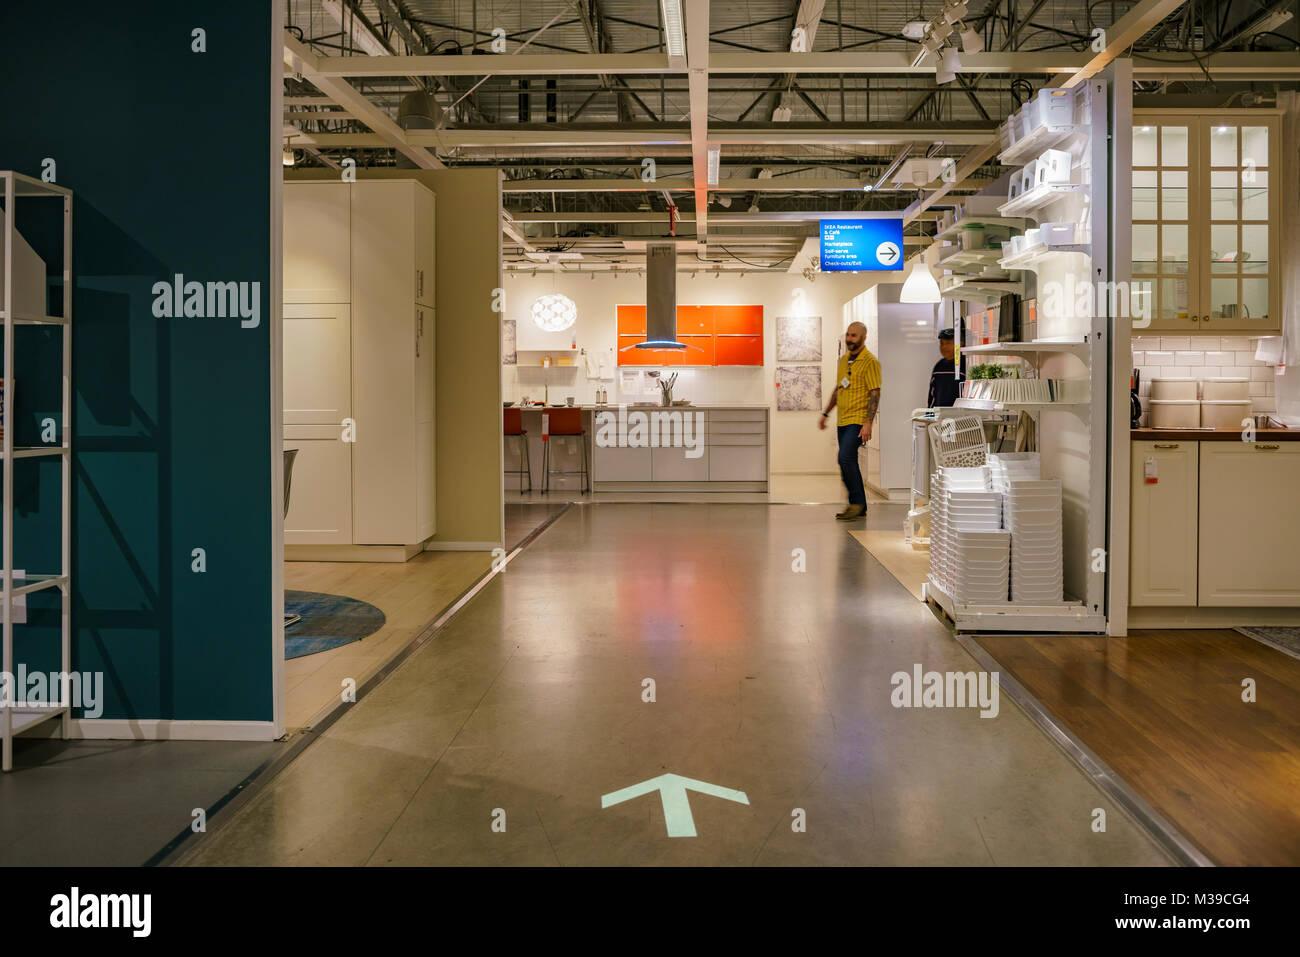 Los Angeles, DIC 28: vista dell'interno del famoso mobili IKEA memorizza sul dicembre 28, 2017 a Los Angeles Immagini Stock